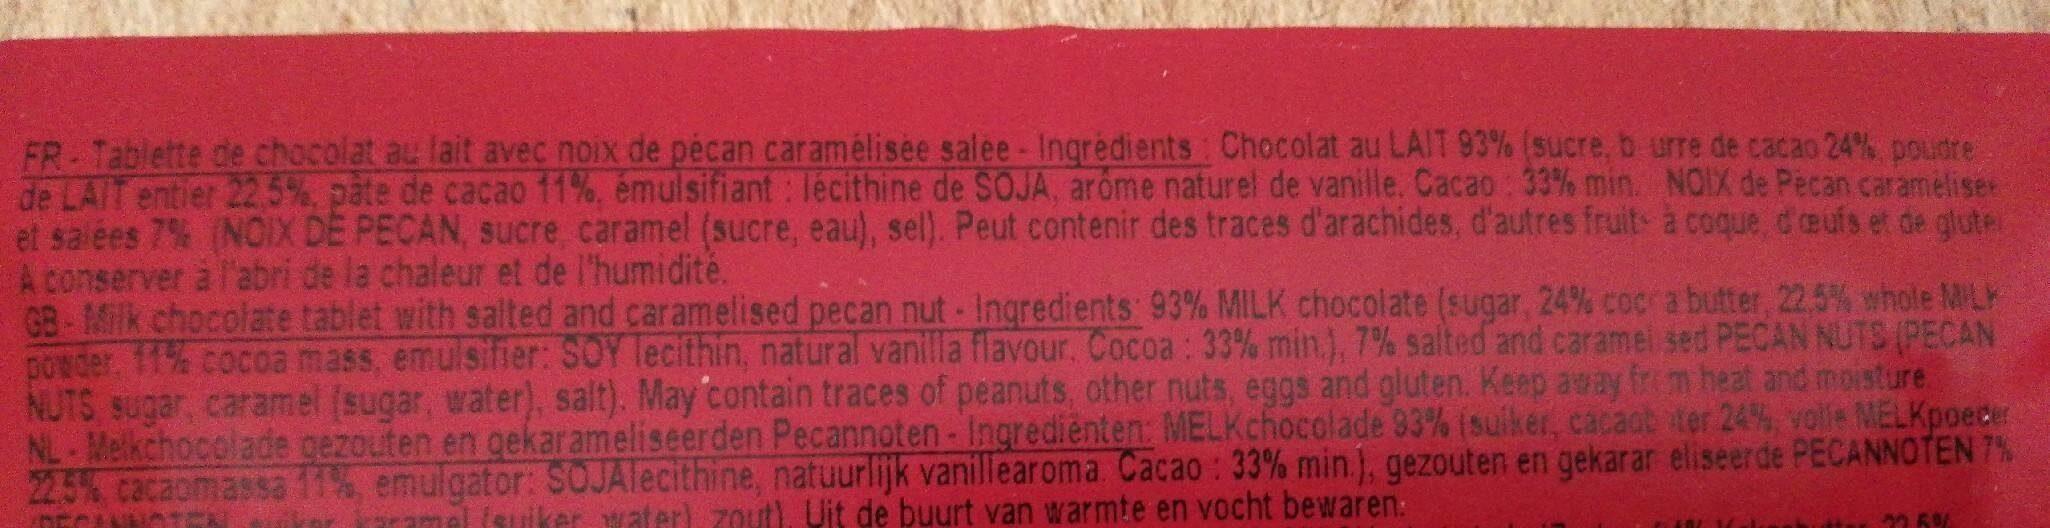 Chocolat Mathilde Carré Lait Noix De Pécan Caramélisés - Informations nutritionnelles - fr